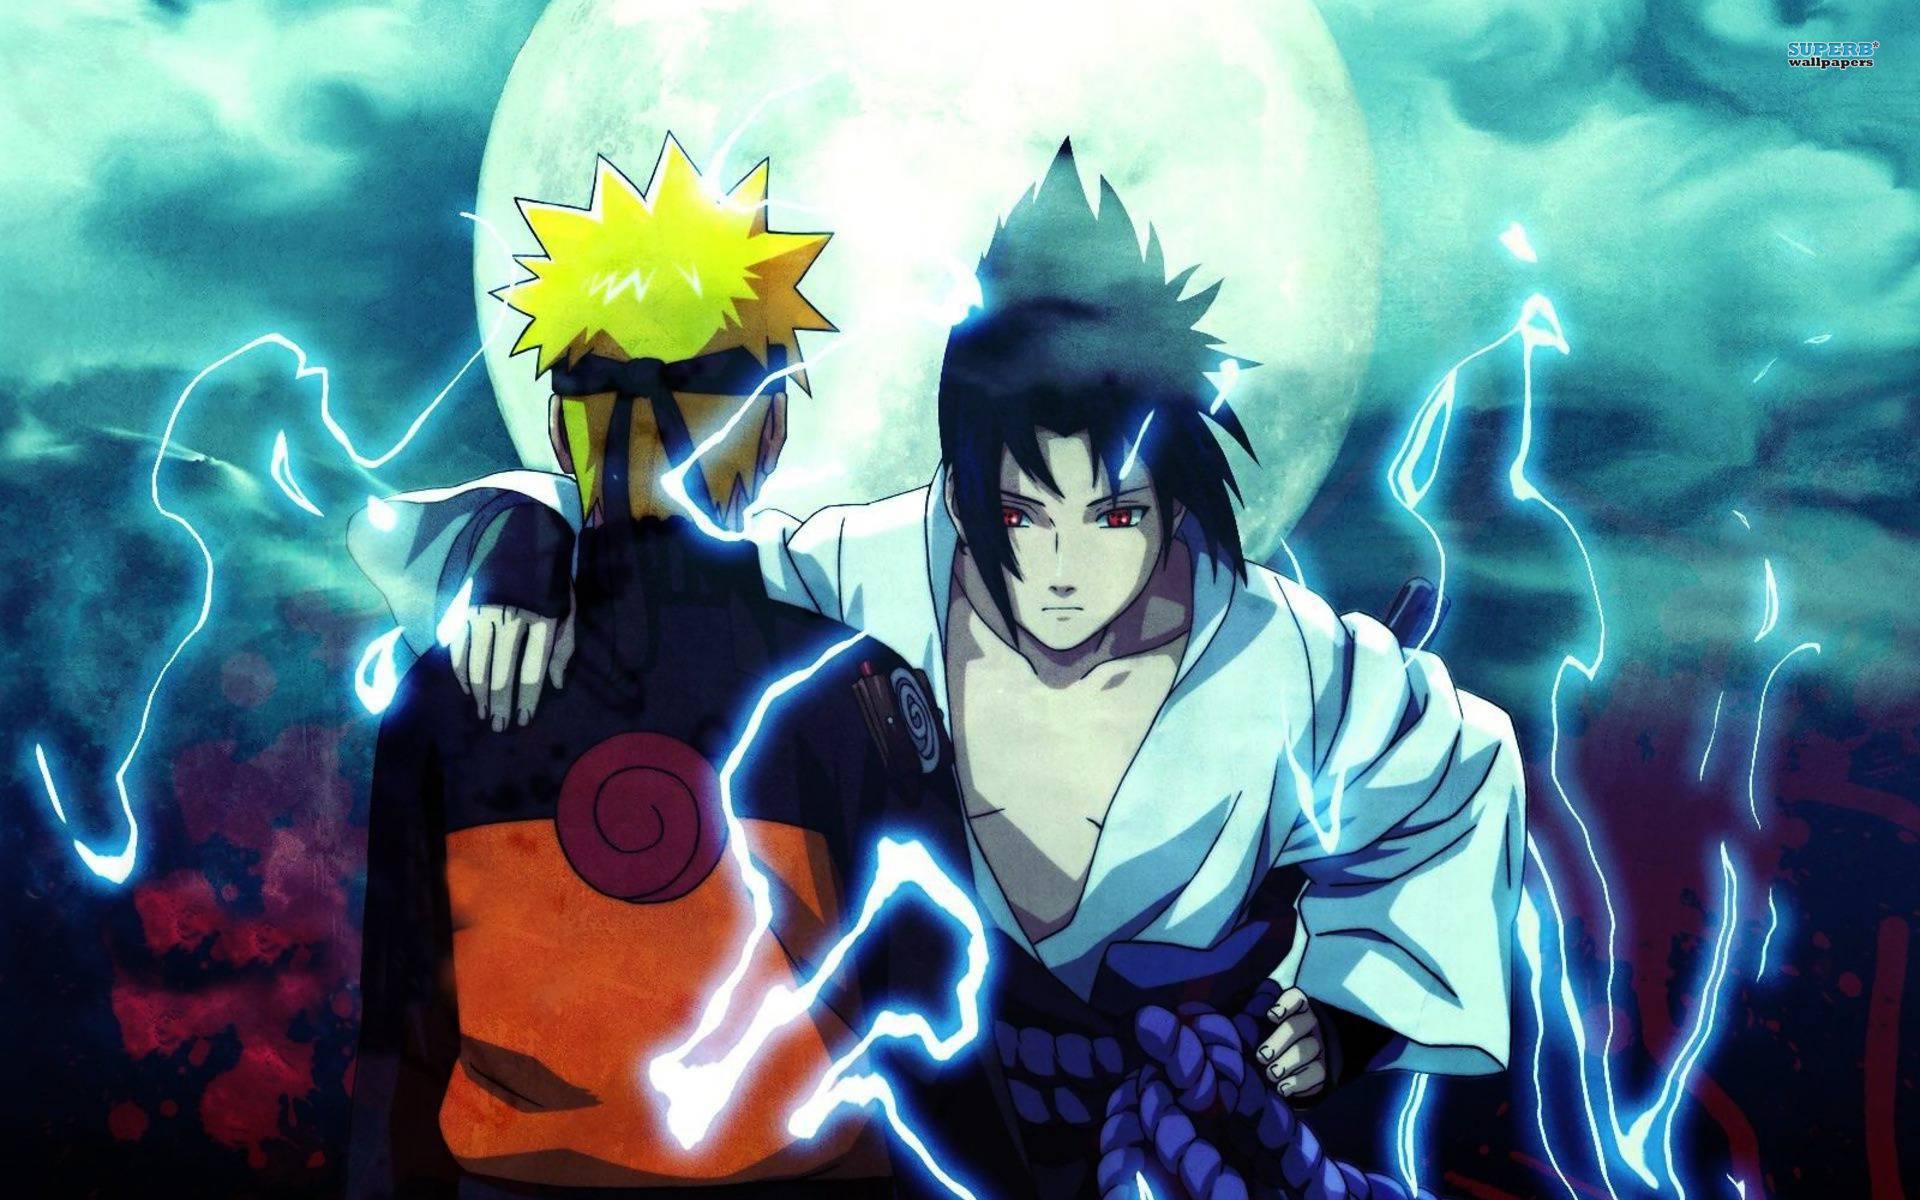 Free Download Naruto And Sasuke Naruto Uzumaki And Sasuke Uchiha